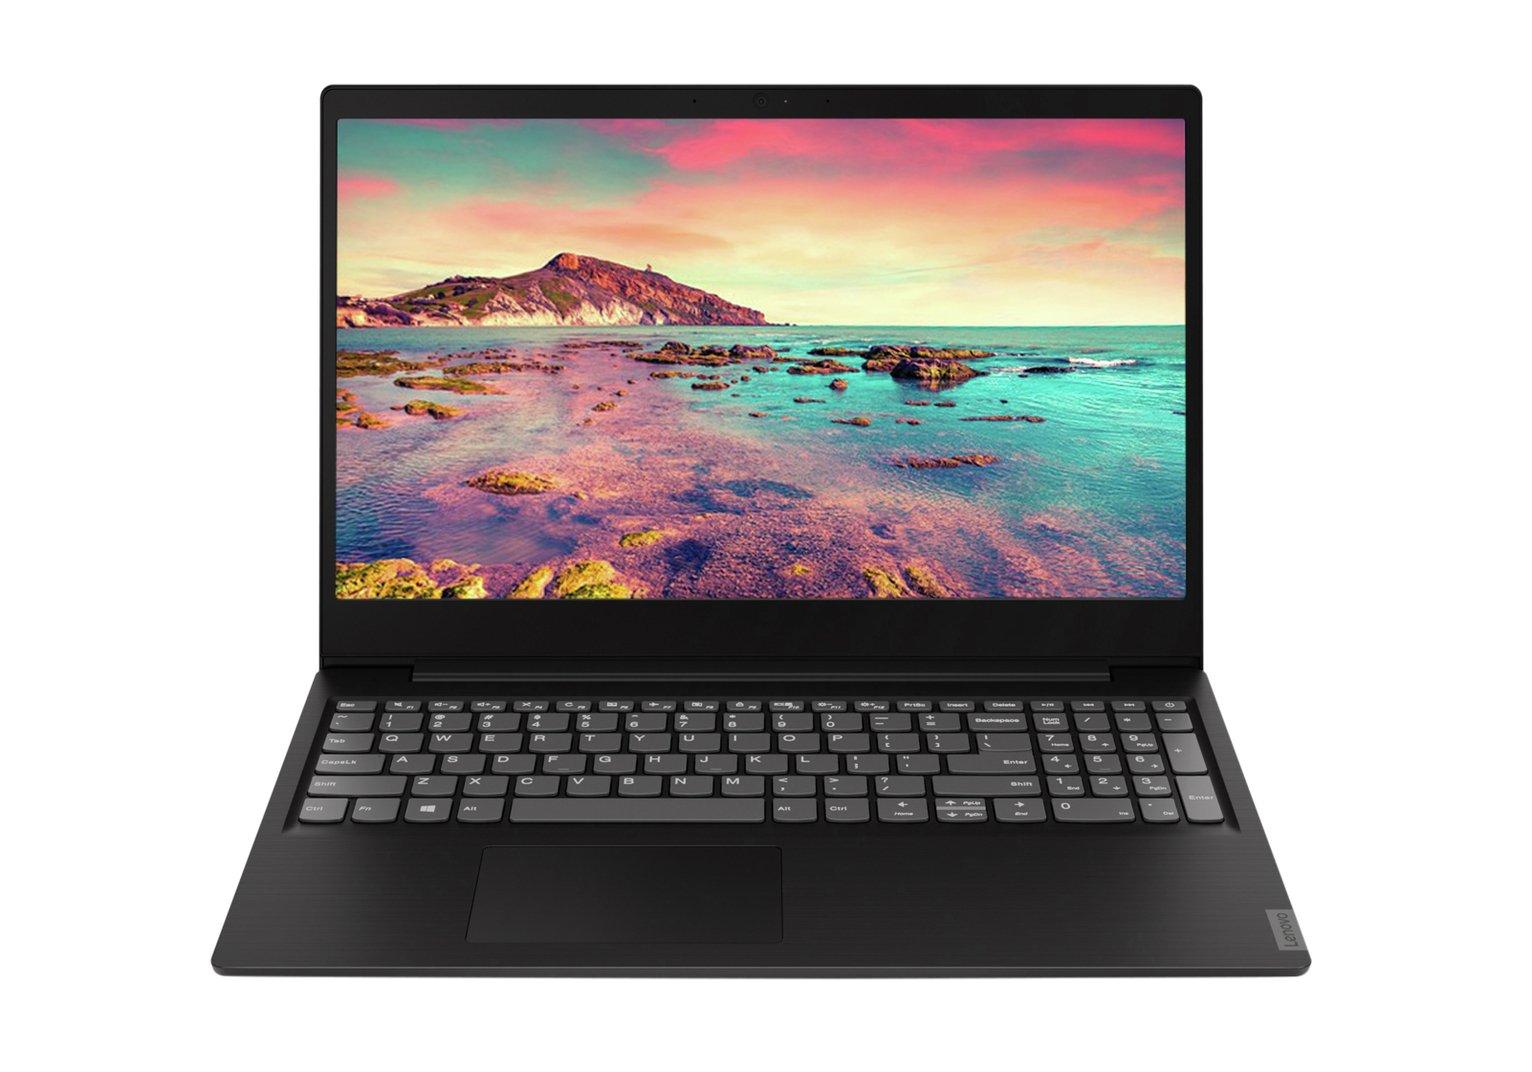 Lenovo IdeaPad S145 15.6in i5 8GB 256GB Laptop - Black